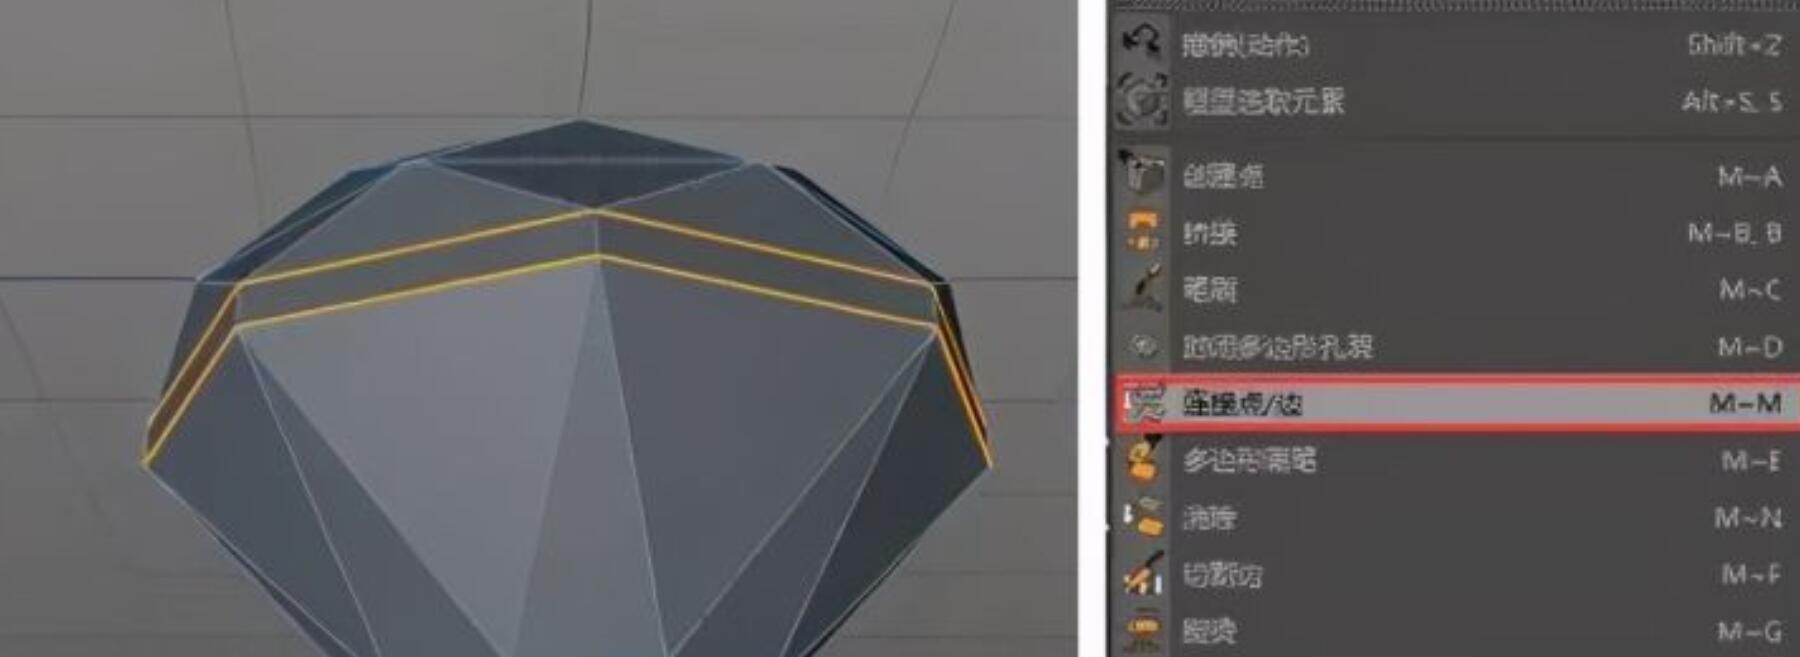 待改-C4D用材质和渲染焦散制作钻石建模(13)